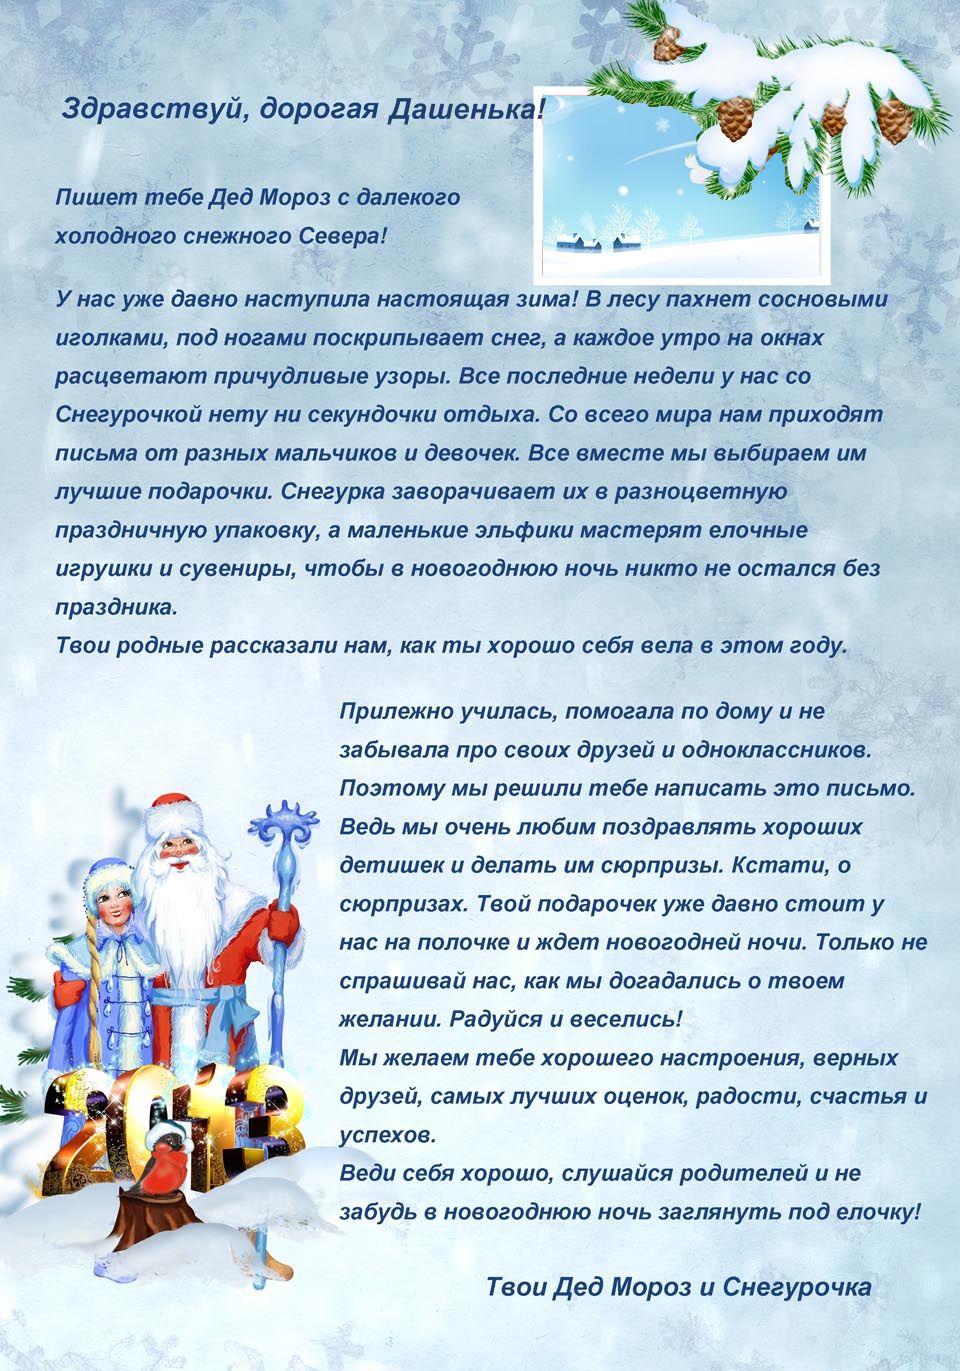 Новогодние поздравления от Деда Мороза и Снегурочки 6